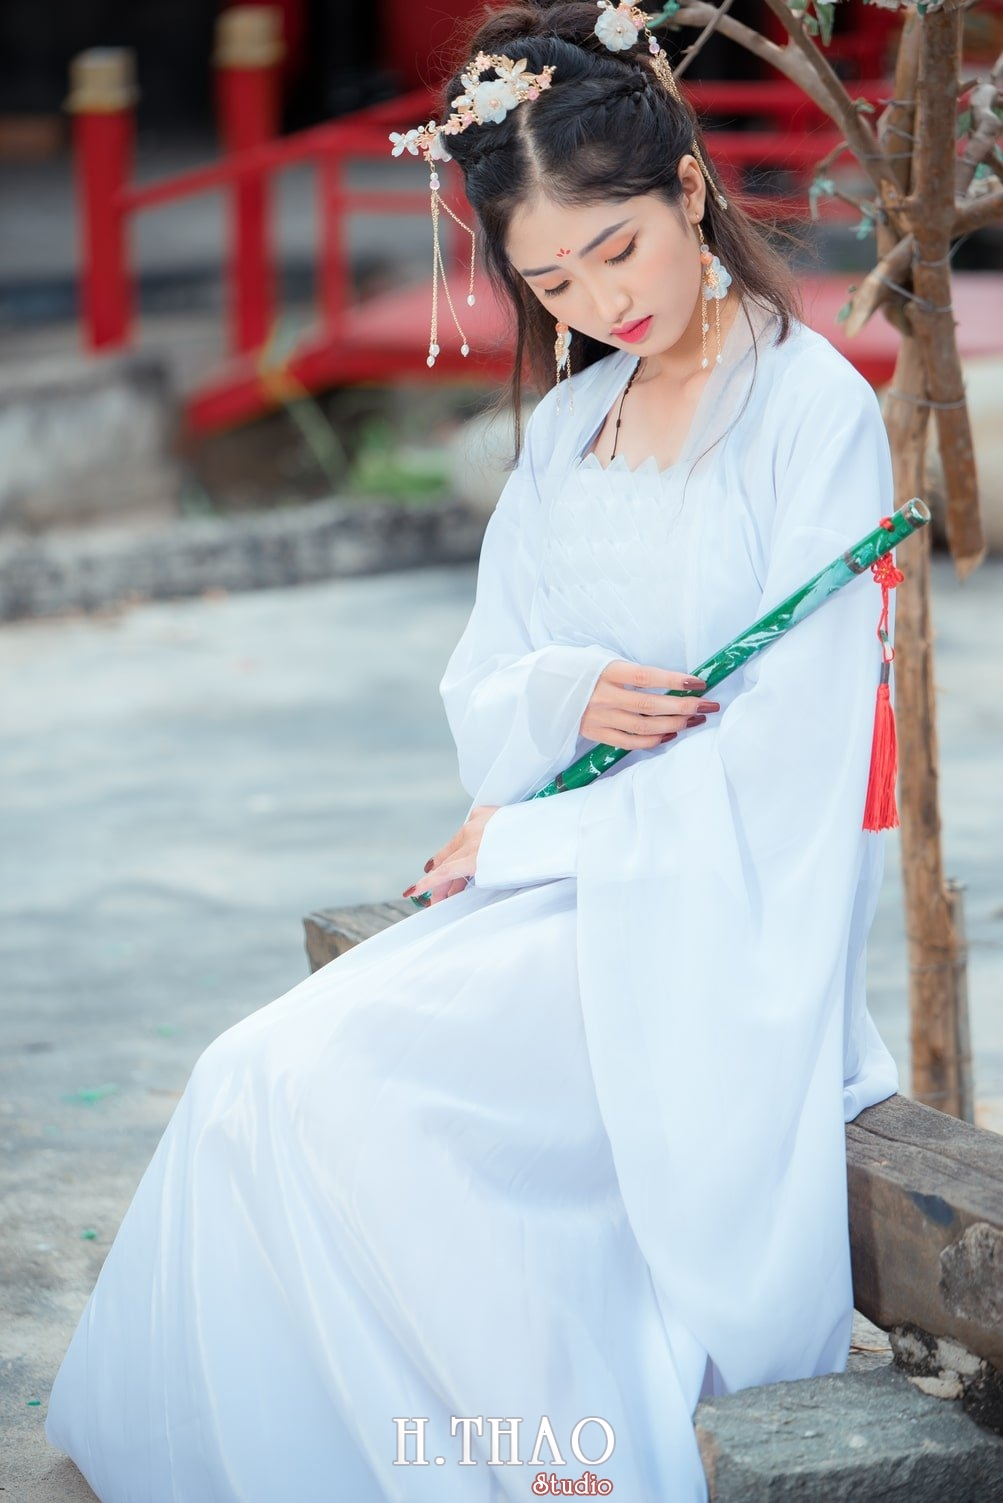 Anh tieu long nu 10 - Bộ ảnh cổ trang chụp theo concept tiểu long nữ nhẹ nhàng - HThao Studio